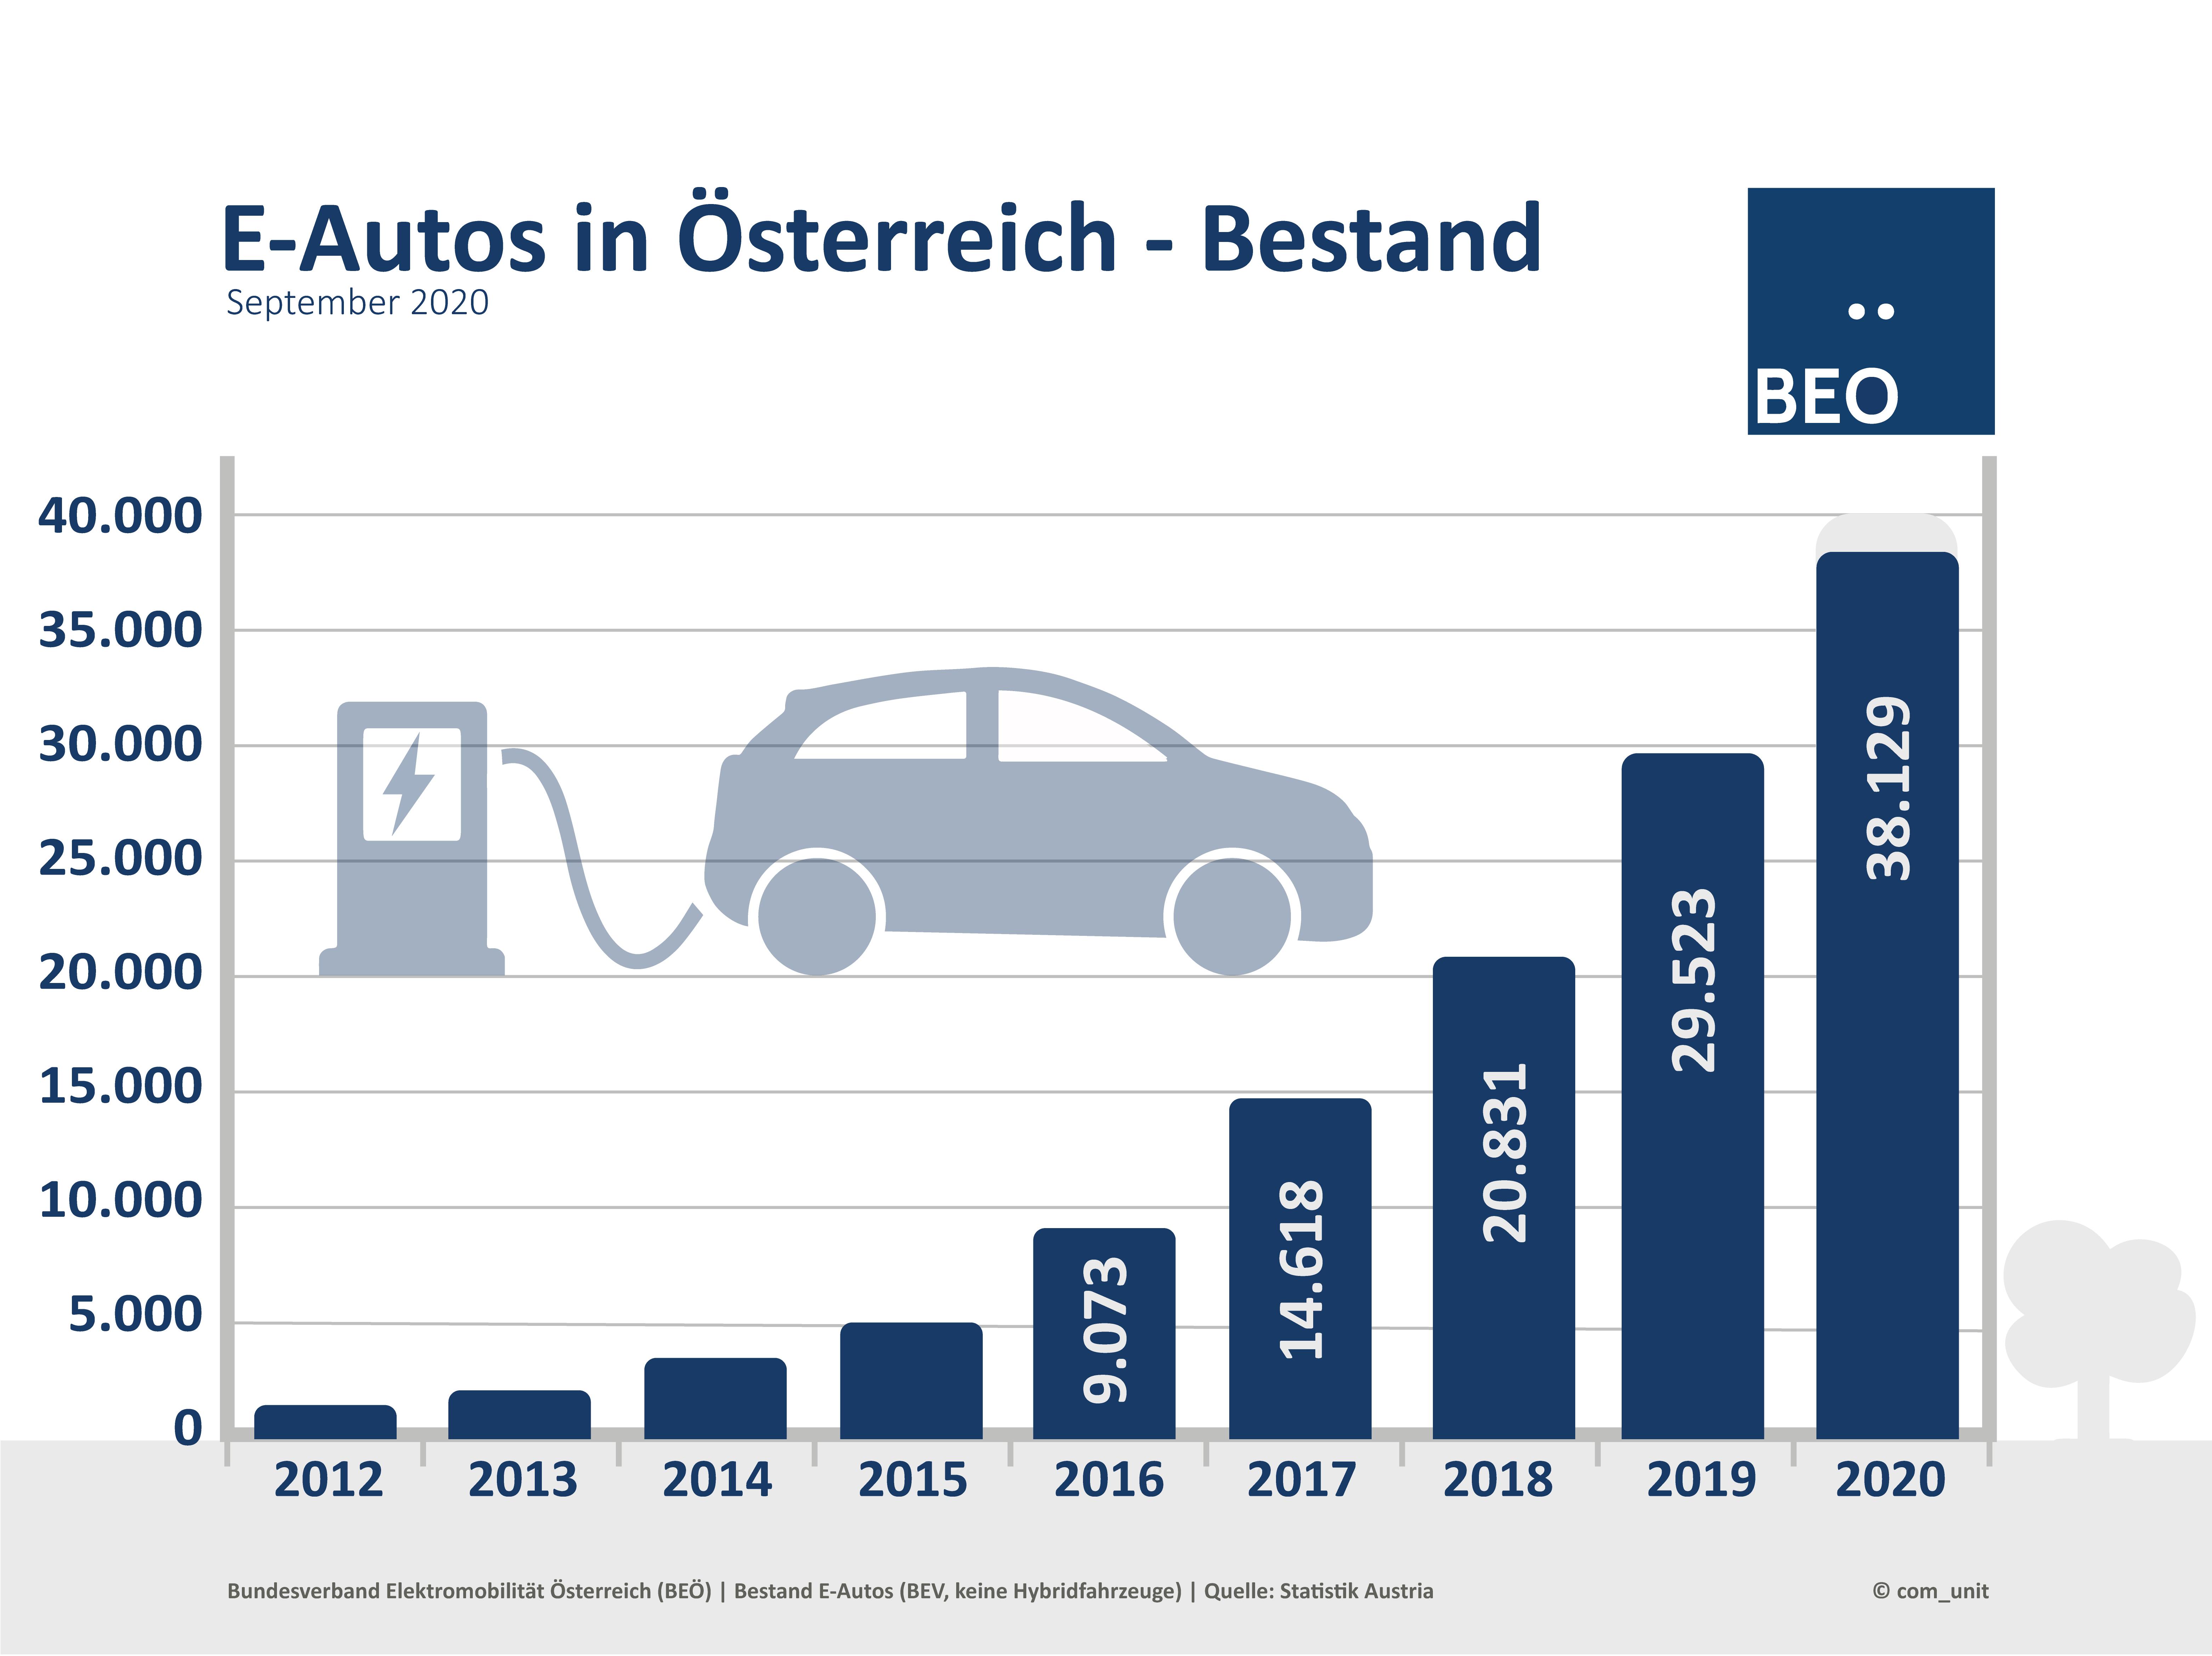 Bestand E-Autos September 2020